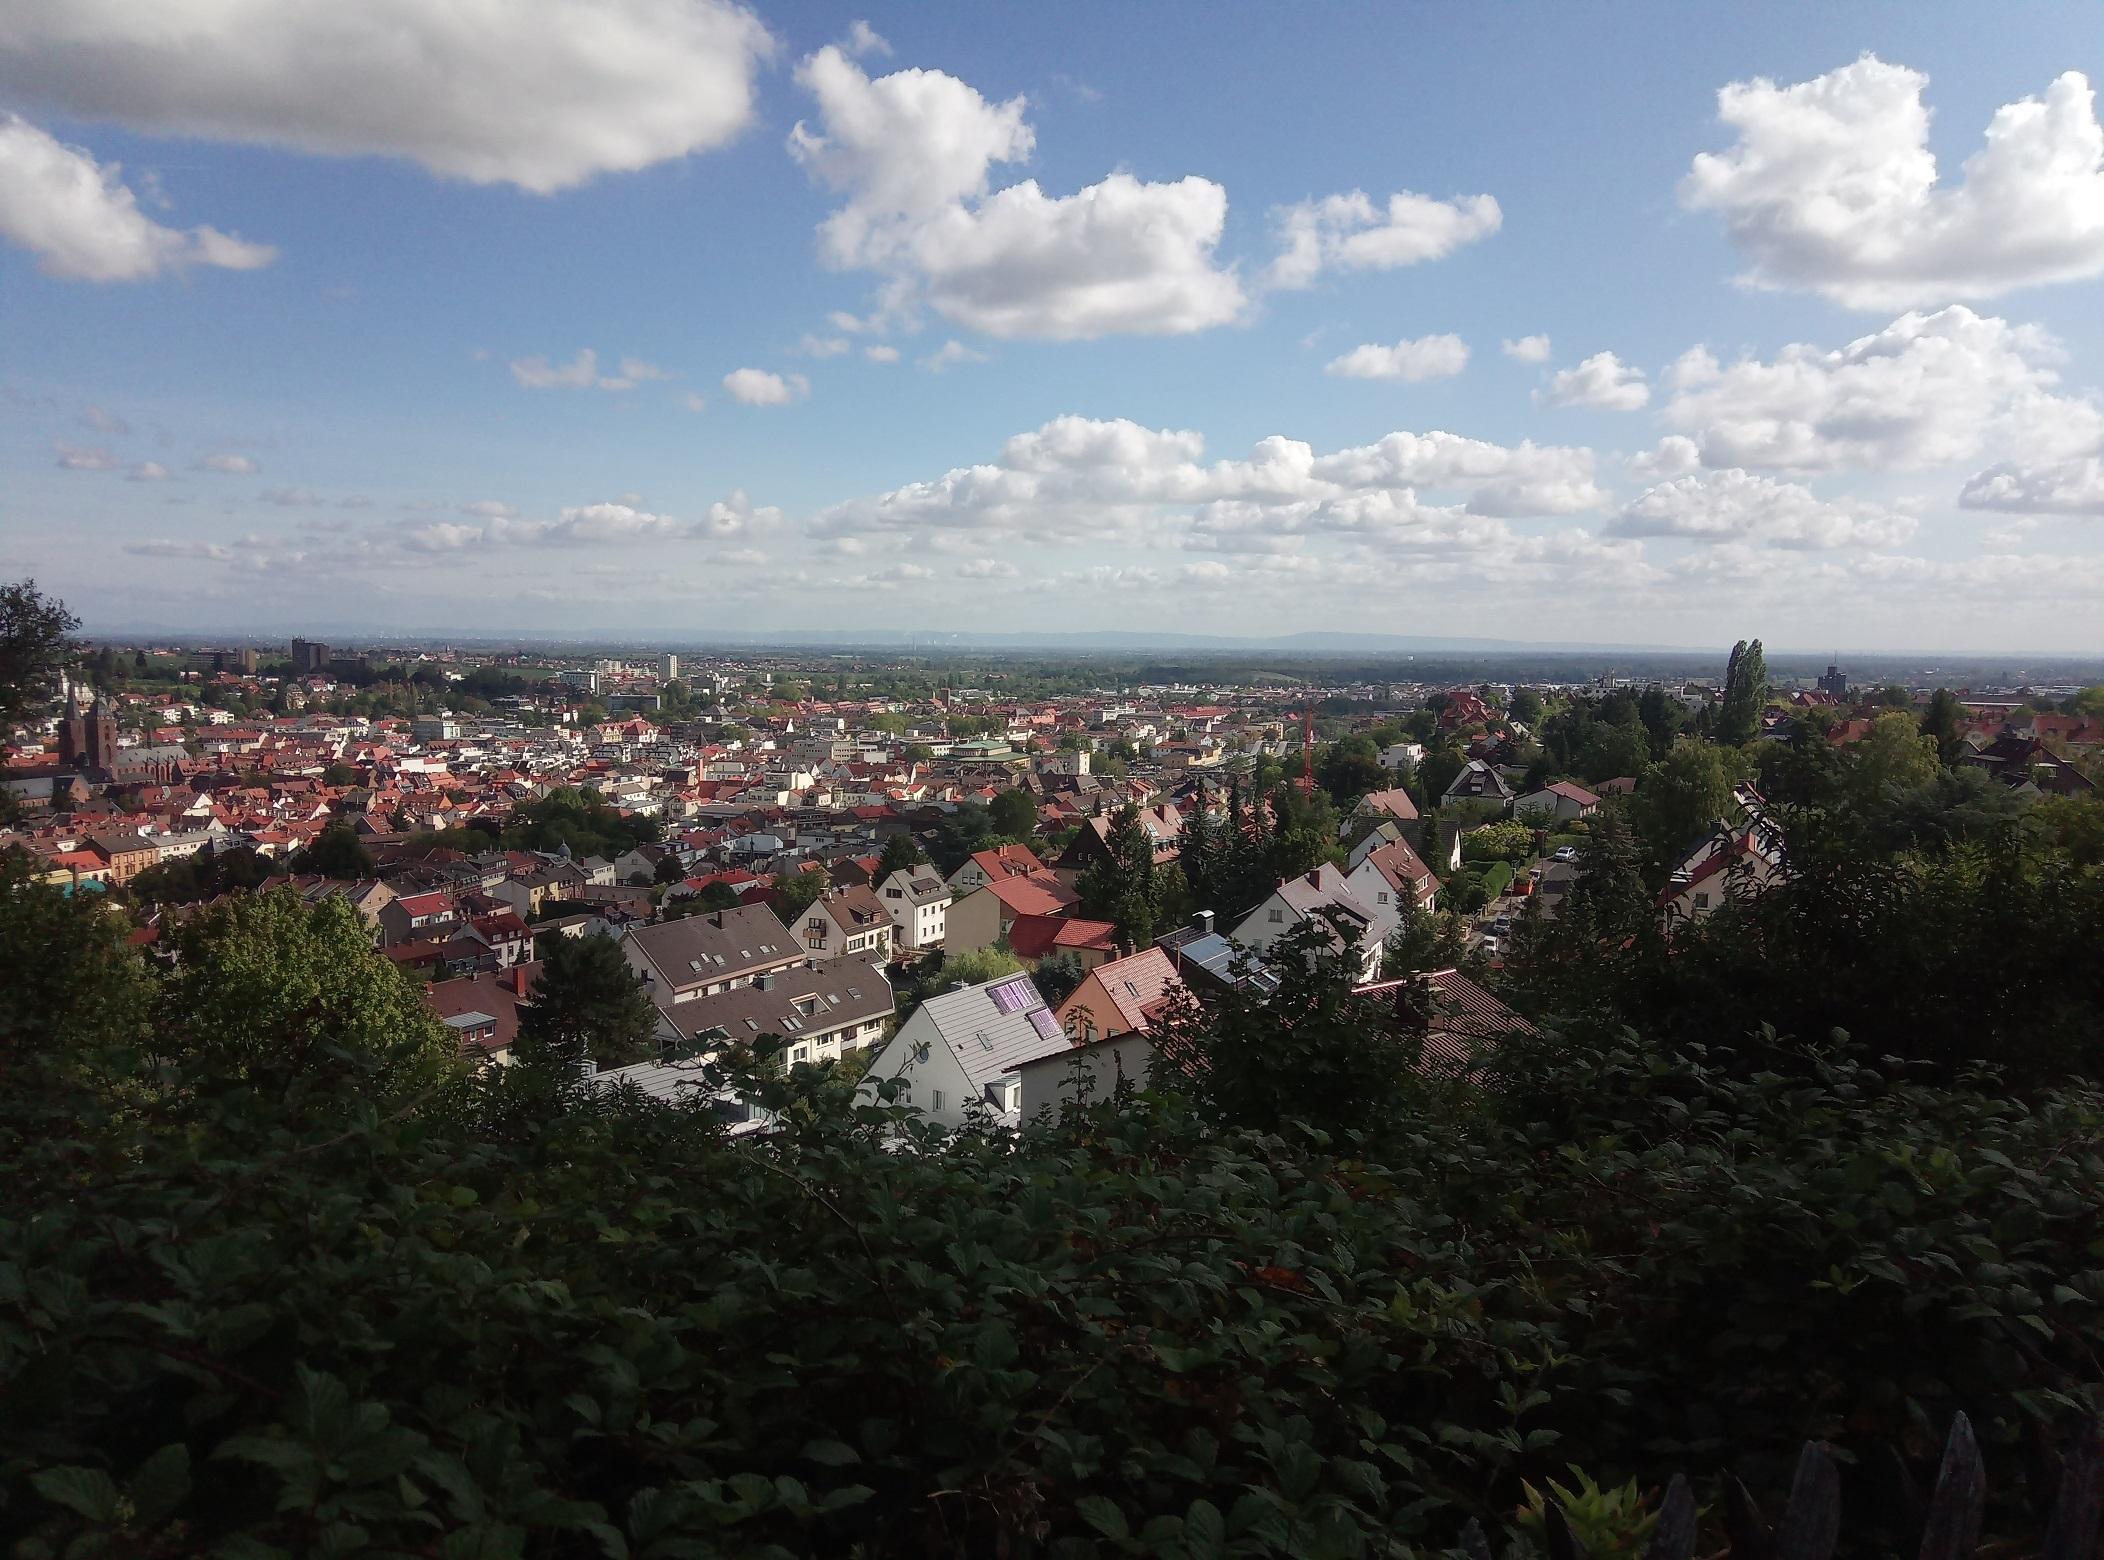 Sonntagsspaziergang_Croissant_Pfalz_Blick auf Neustadt.jpg